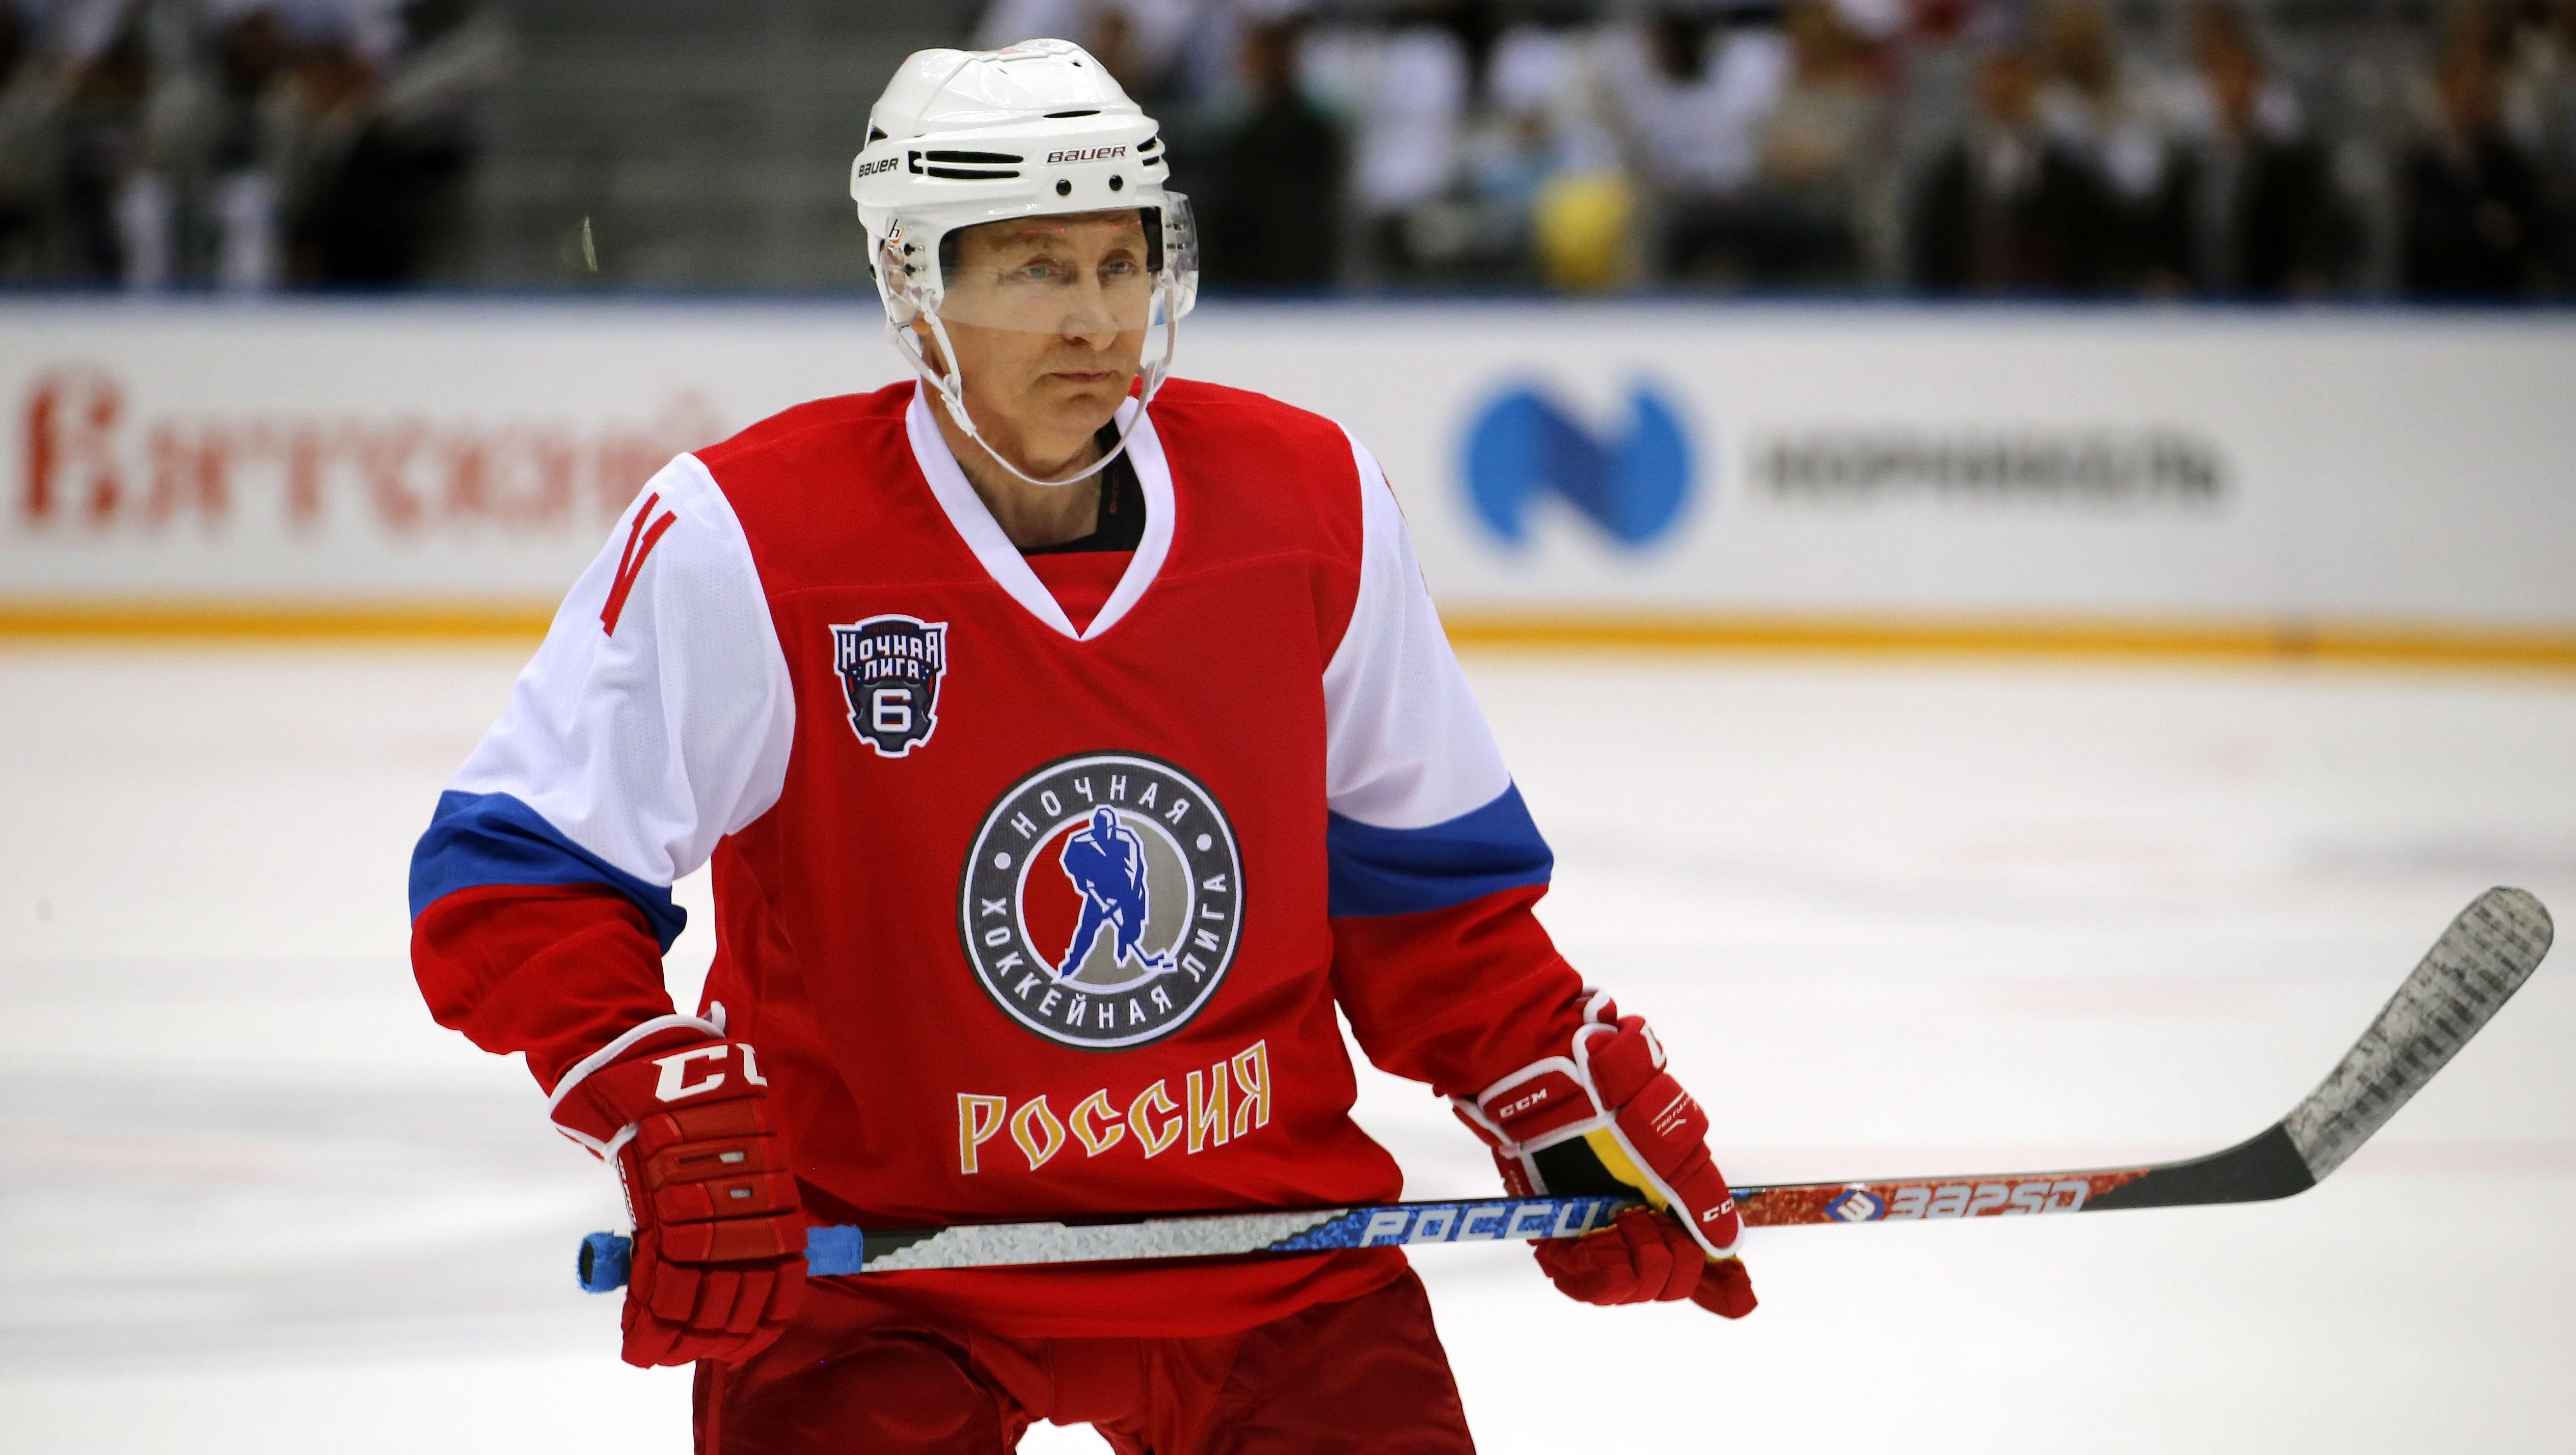 Vladimir Putin Keeps Scoring Goals